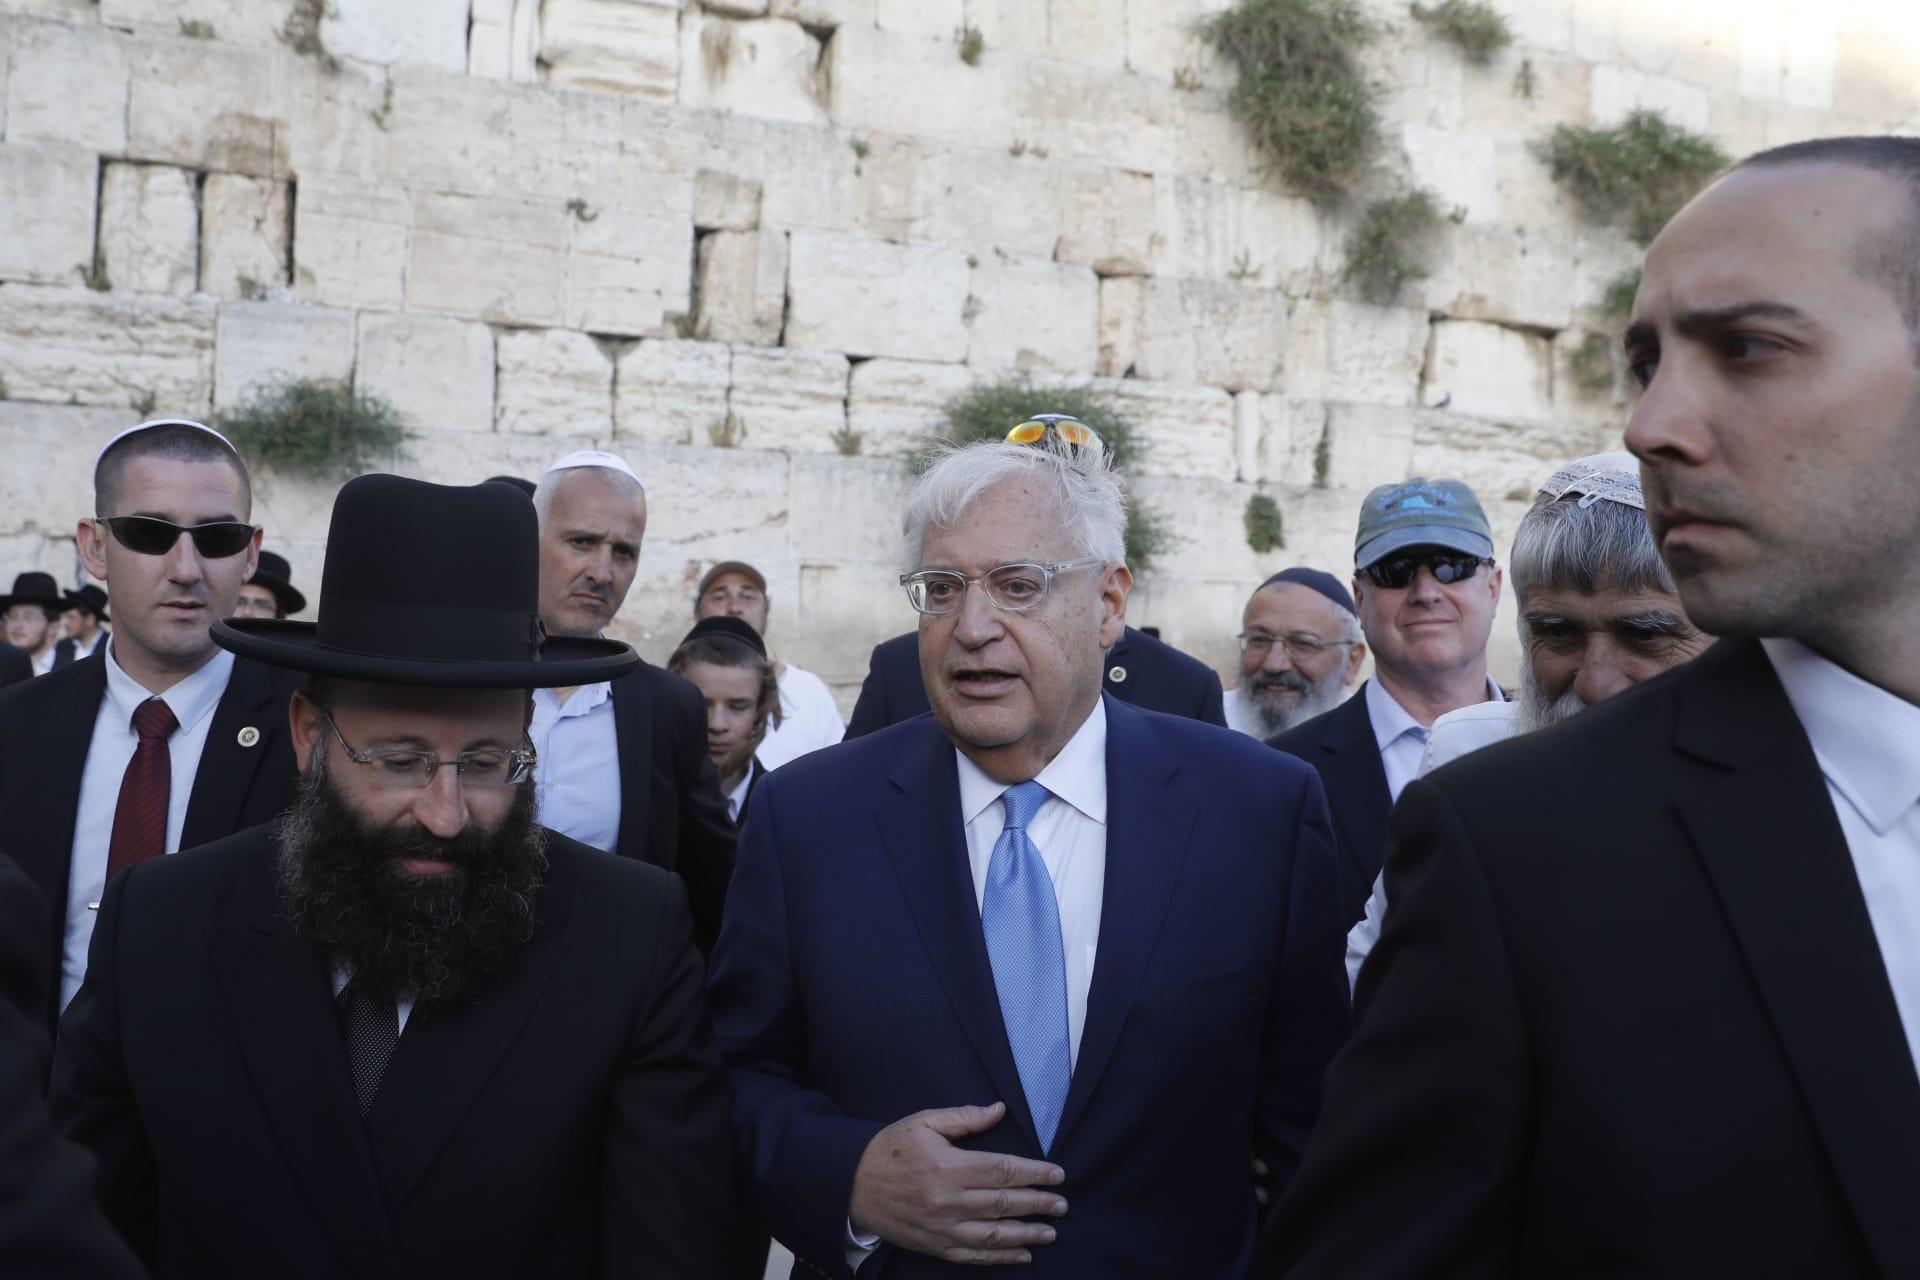 بعد ضجة تصريحات عن عملية السلام.. سفير أمريكا بإسرائيل: لا نسعى لاستبدال عباس